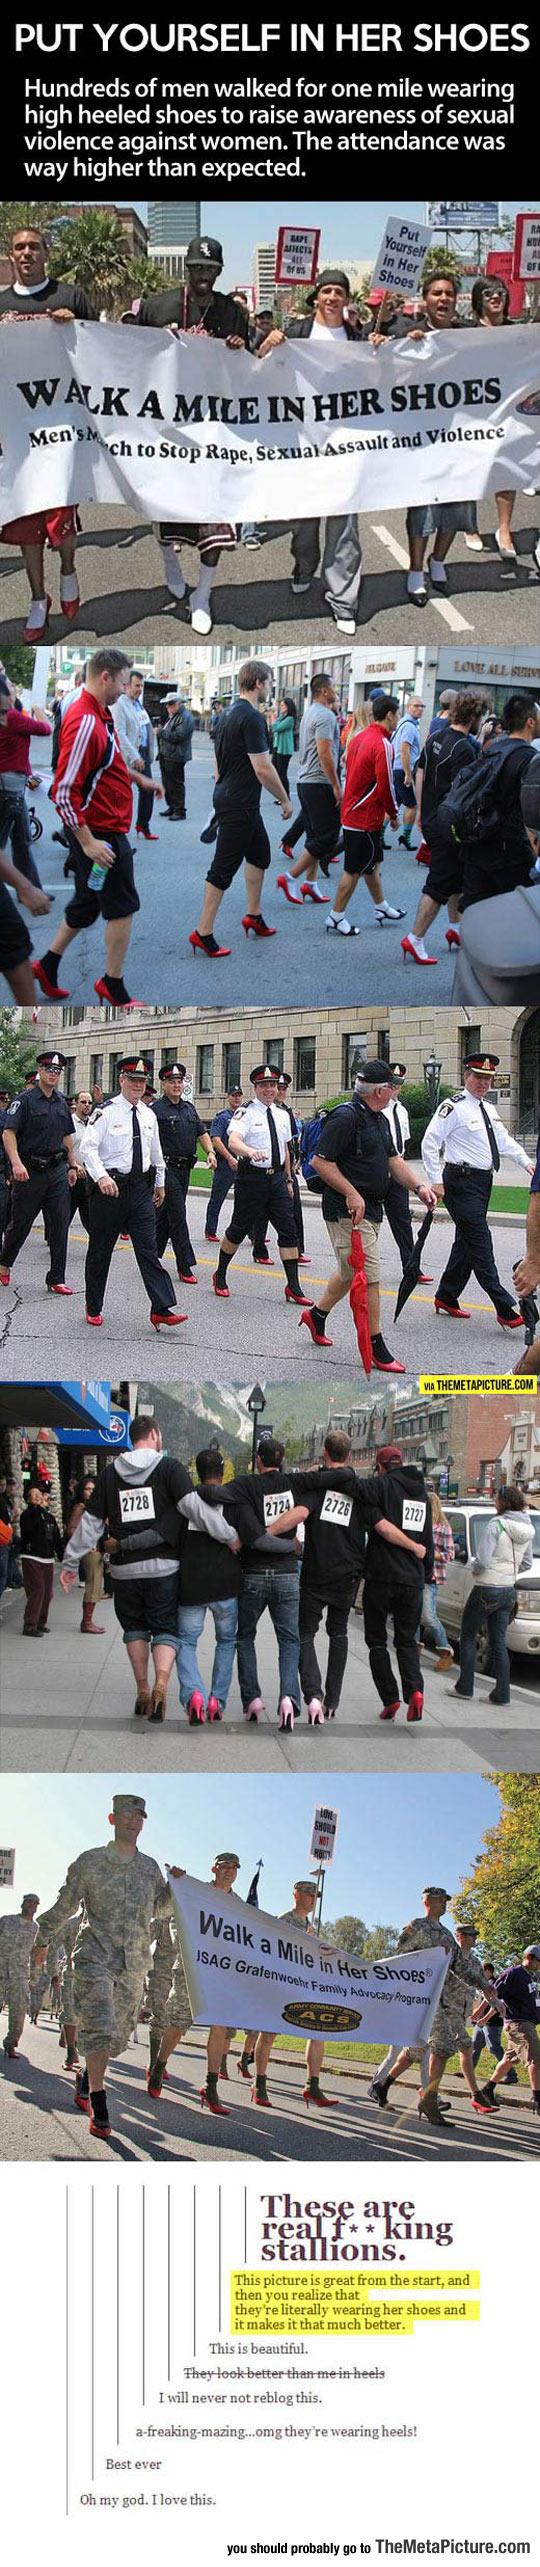 protest-men-walking-high-heels